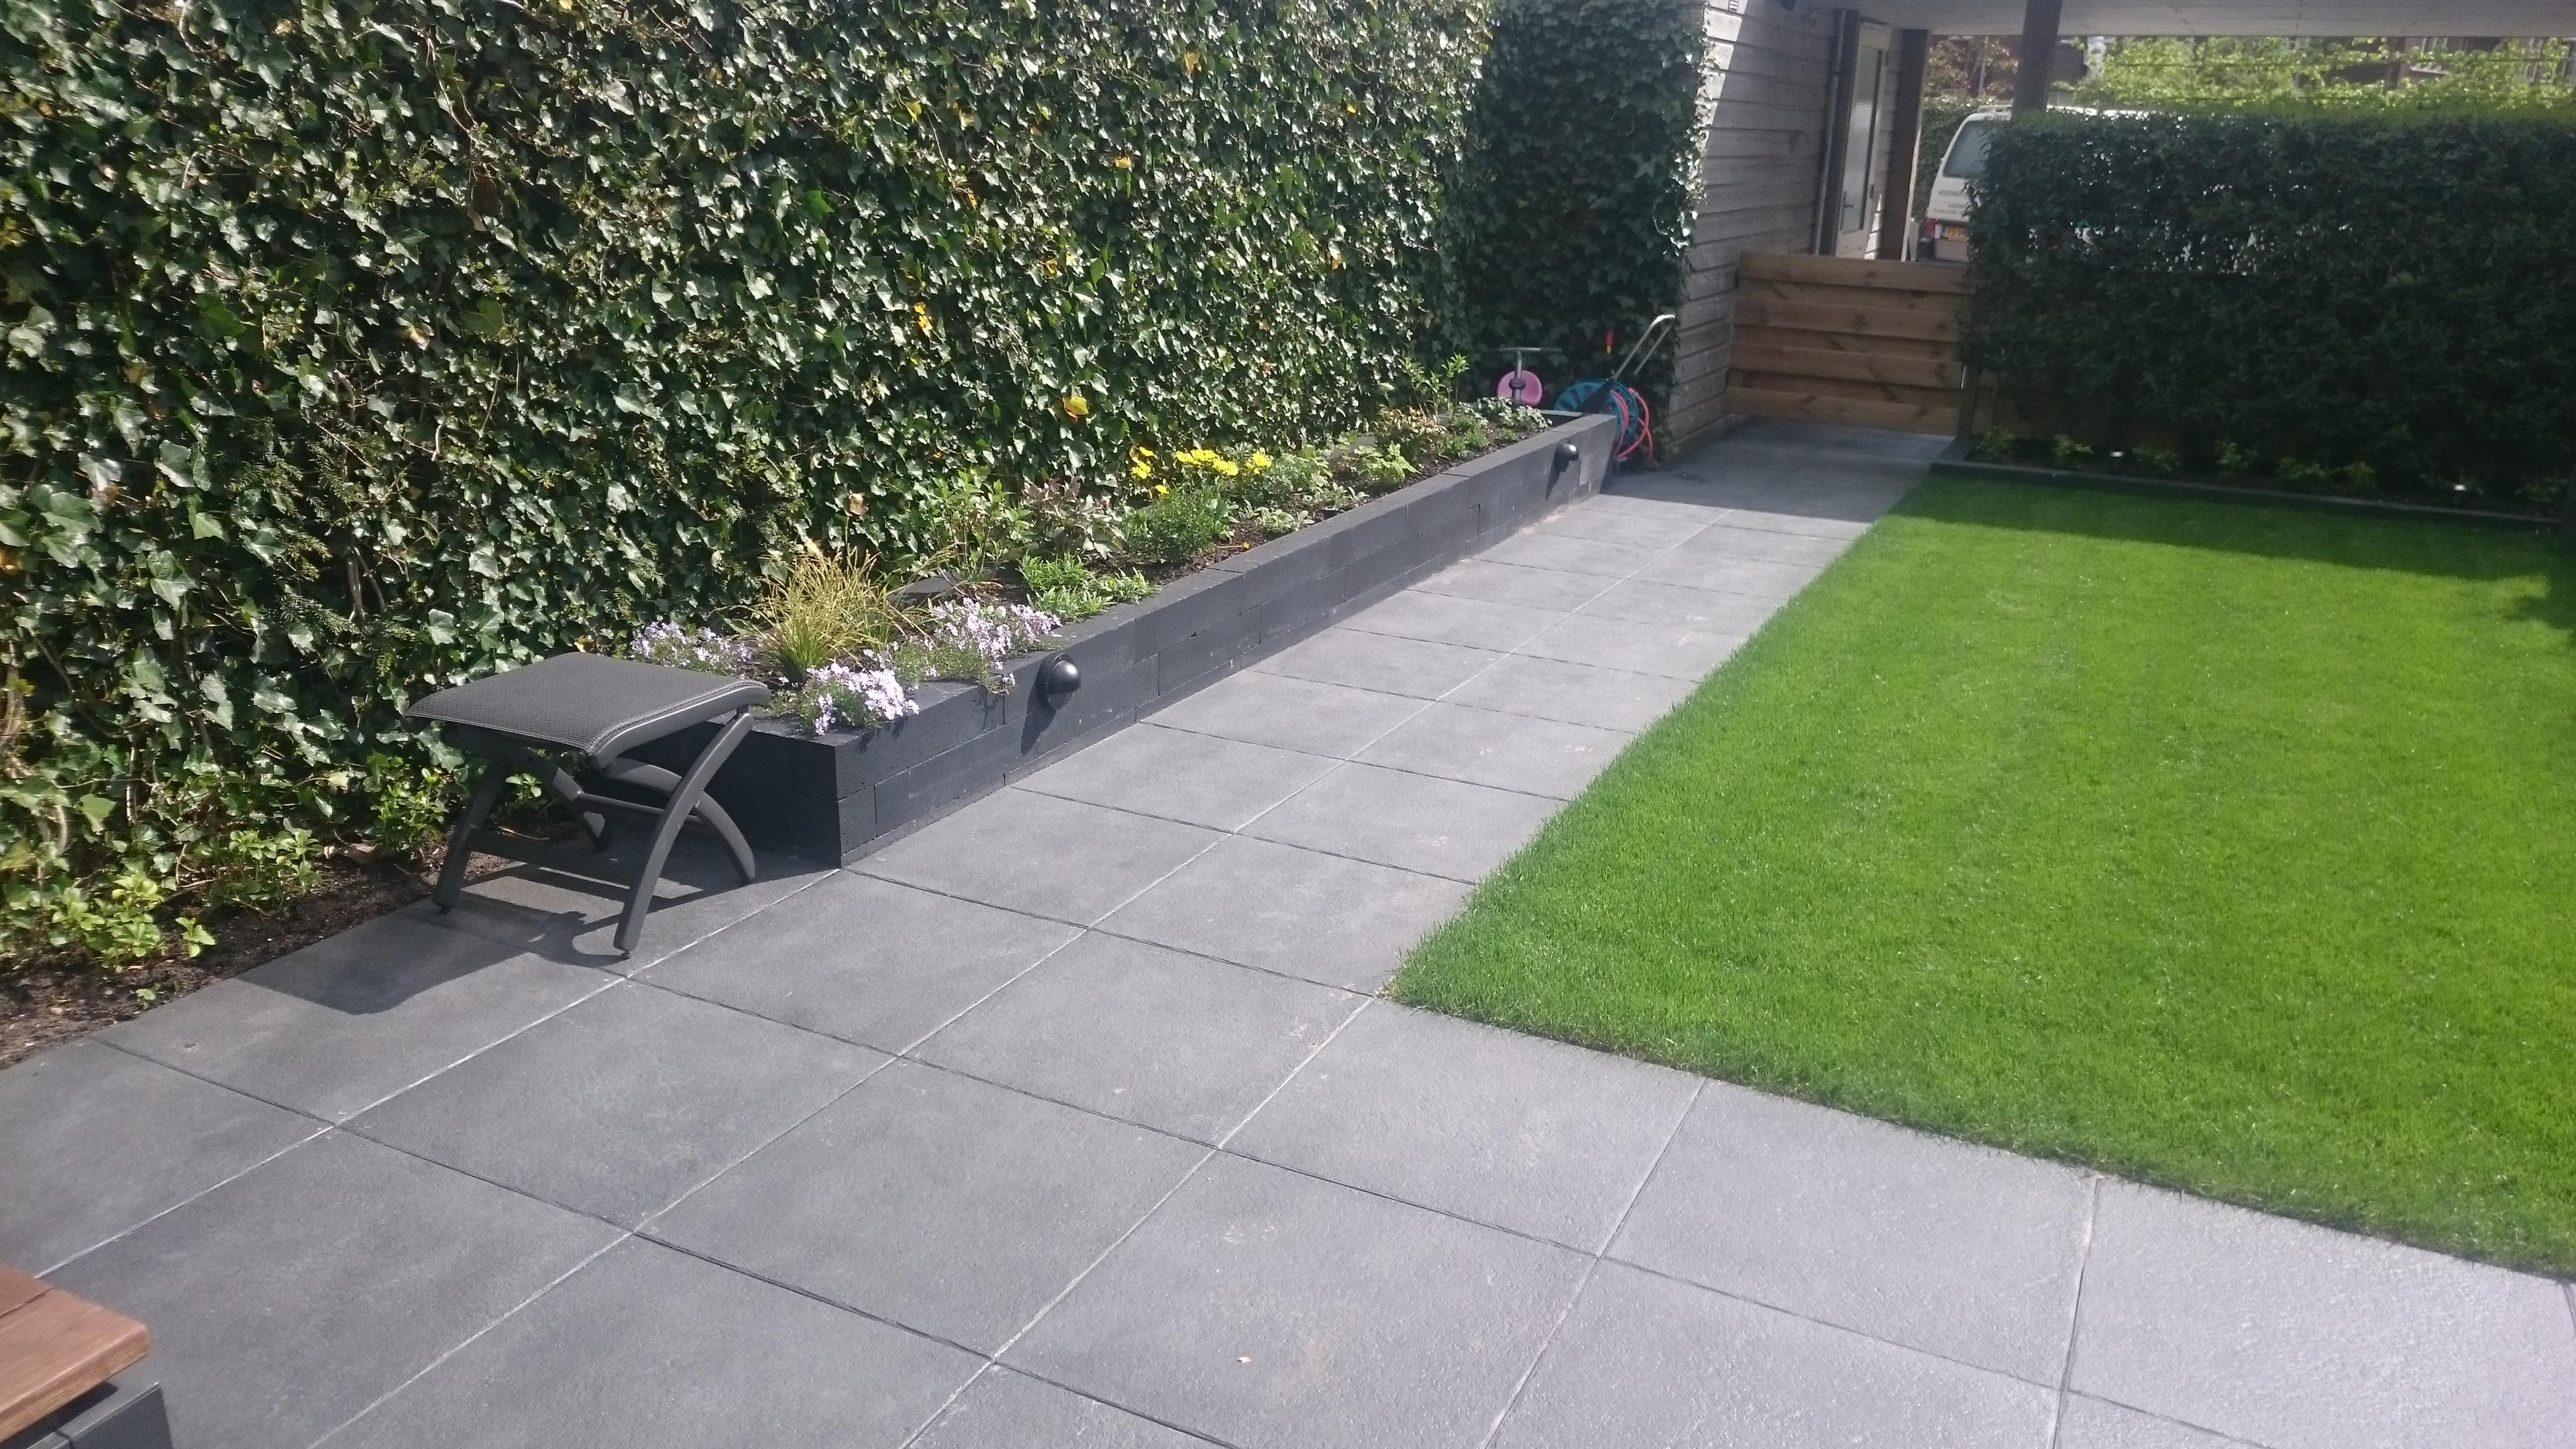 Tuin Met Tegels : Praktische tuin met mooie grote donkergrijze tegels gert lieman